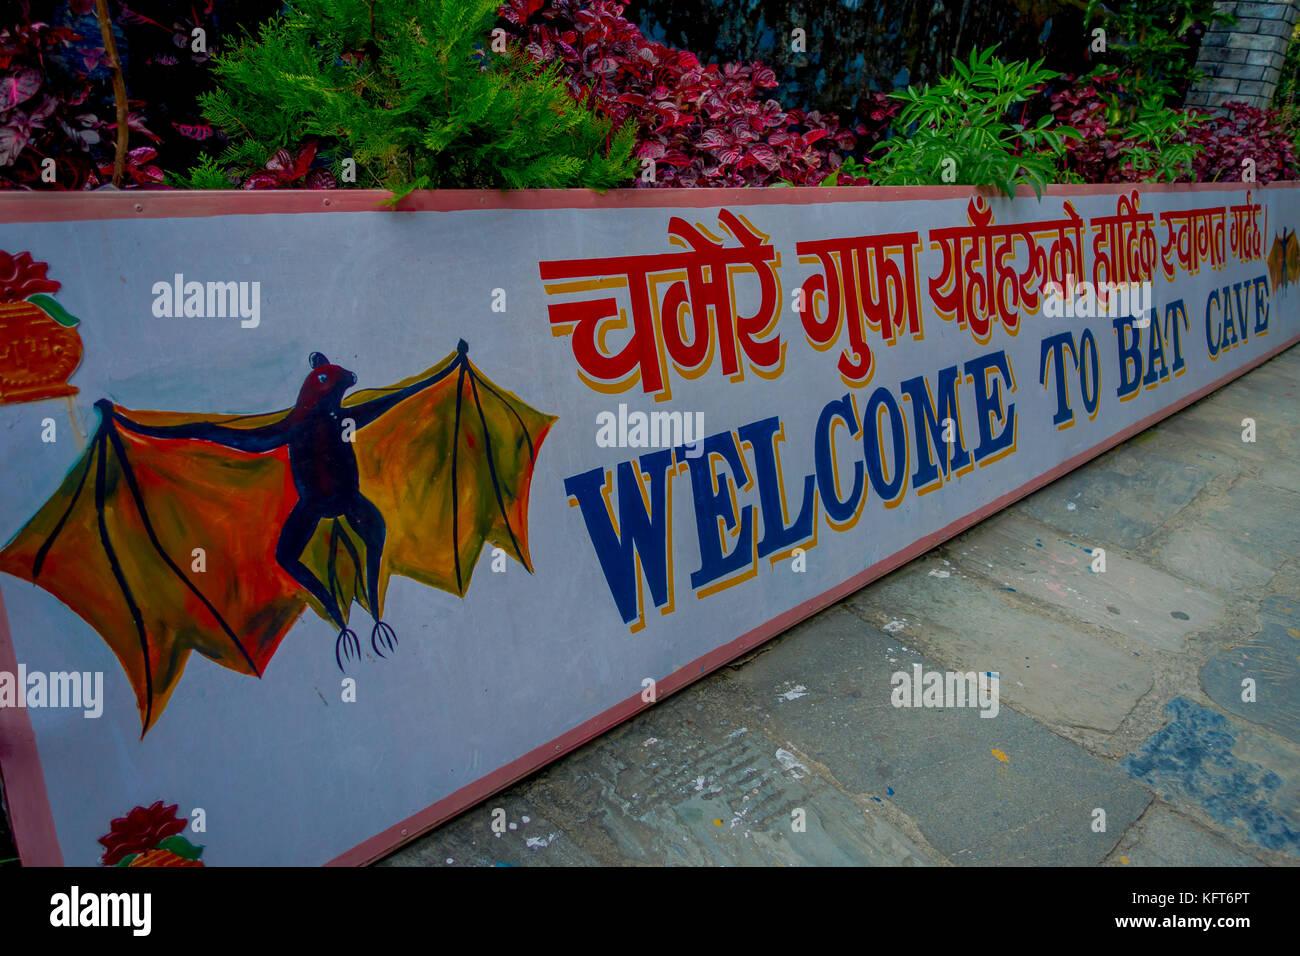 Pokhara, nepal - Settembre 12, 2017: cartello informativo all'ingresso della grotta di bat, in lingua nepalese, Immagini Stock